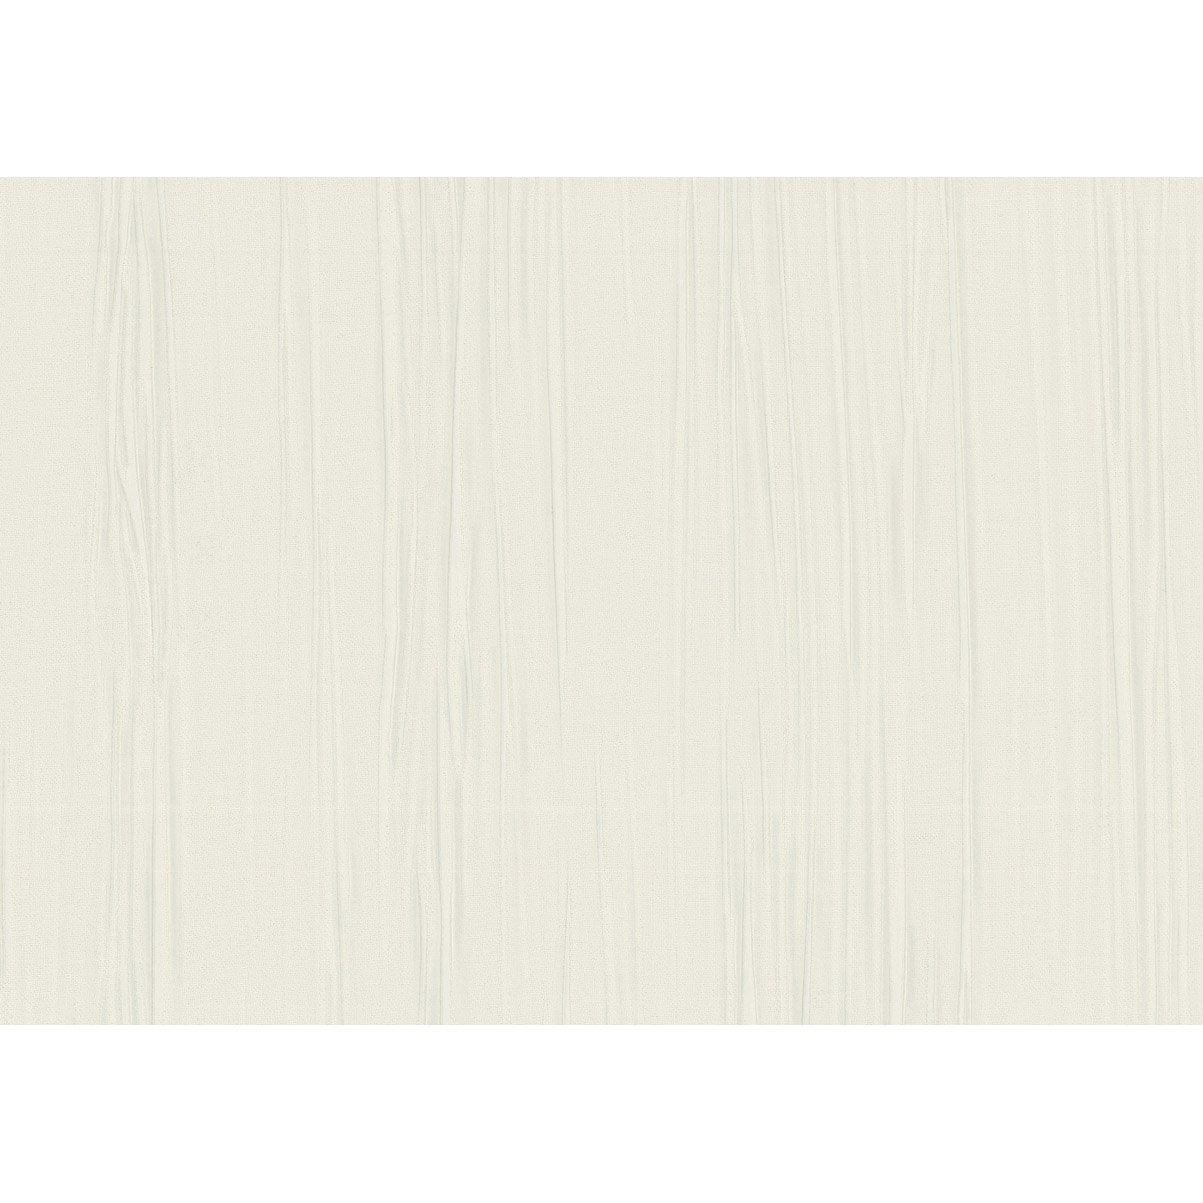 Classe blanche pas cher avec leroy merlin brico depot - Papier peint blanc pas cher ...